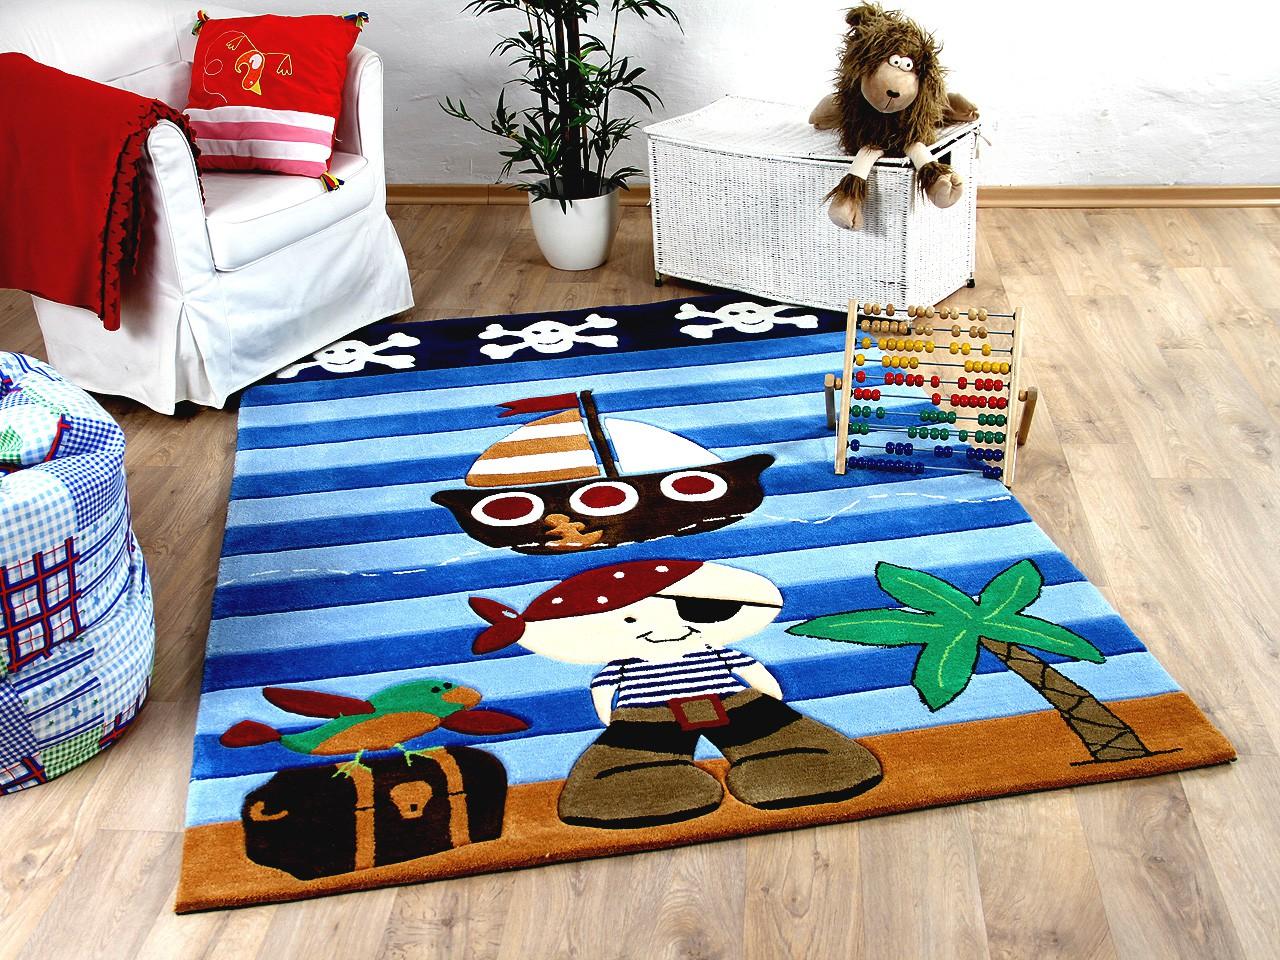 Lifestyle Kinderteppich Pirat Blau Sofort Lieferbar